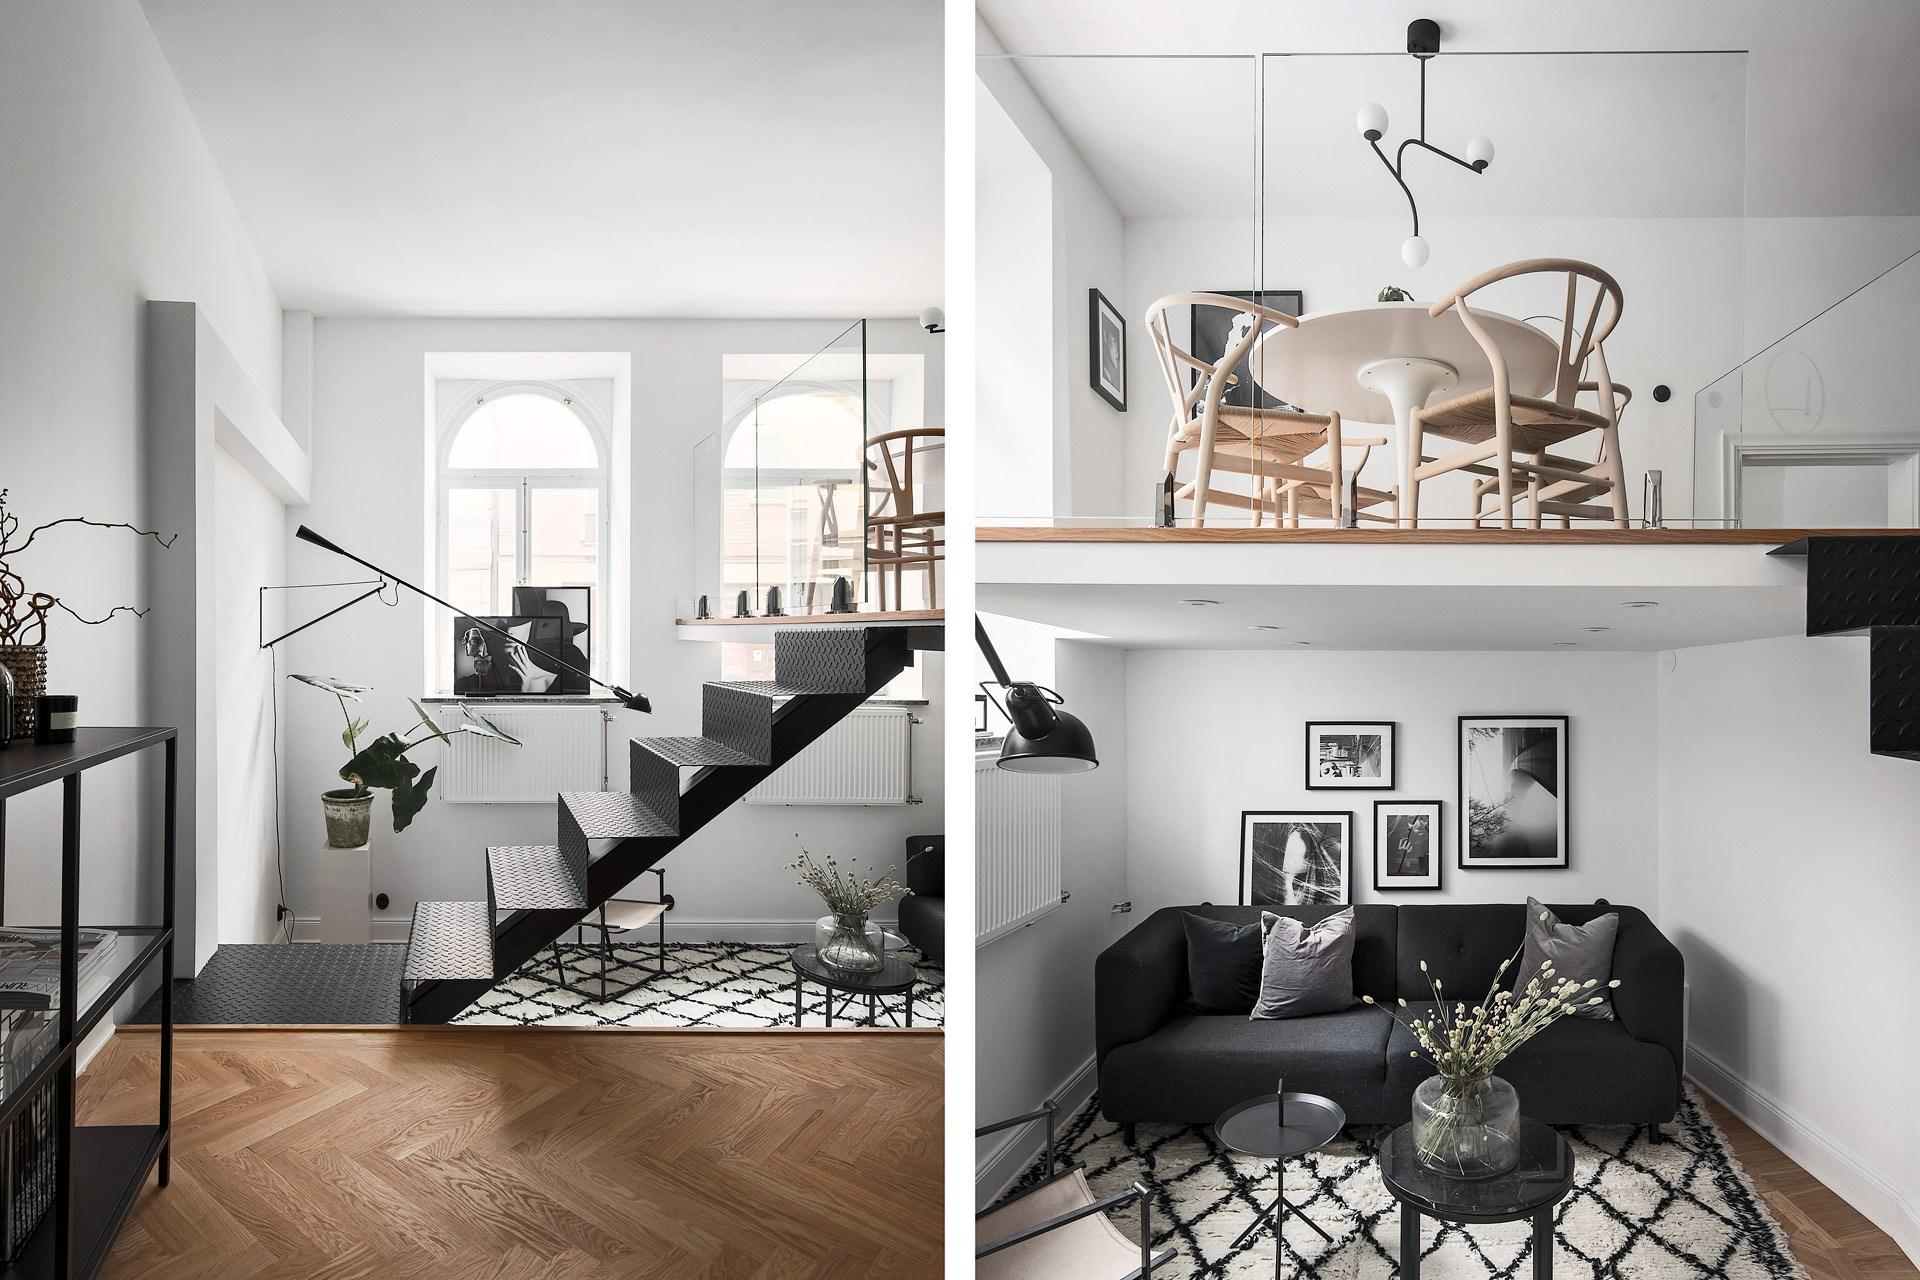 Wielopoziomowe mieszkanie w stylu skandynawskim